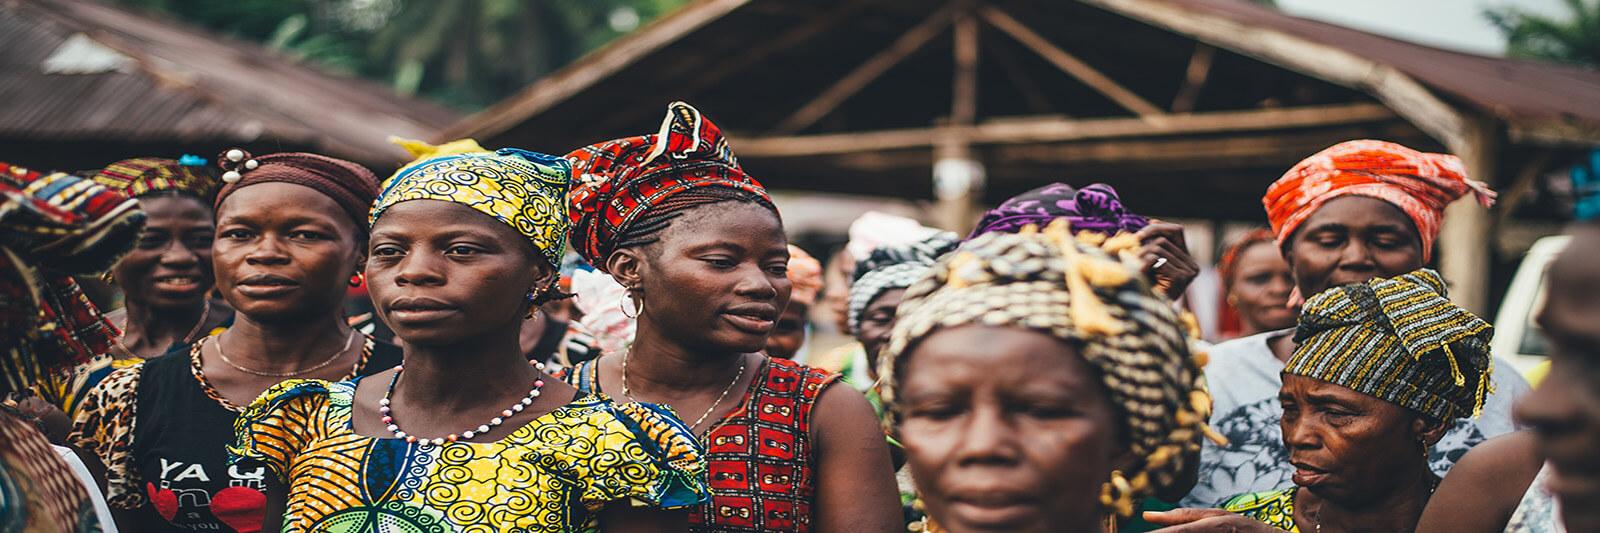 Sierra Leone, Africa